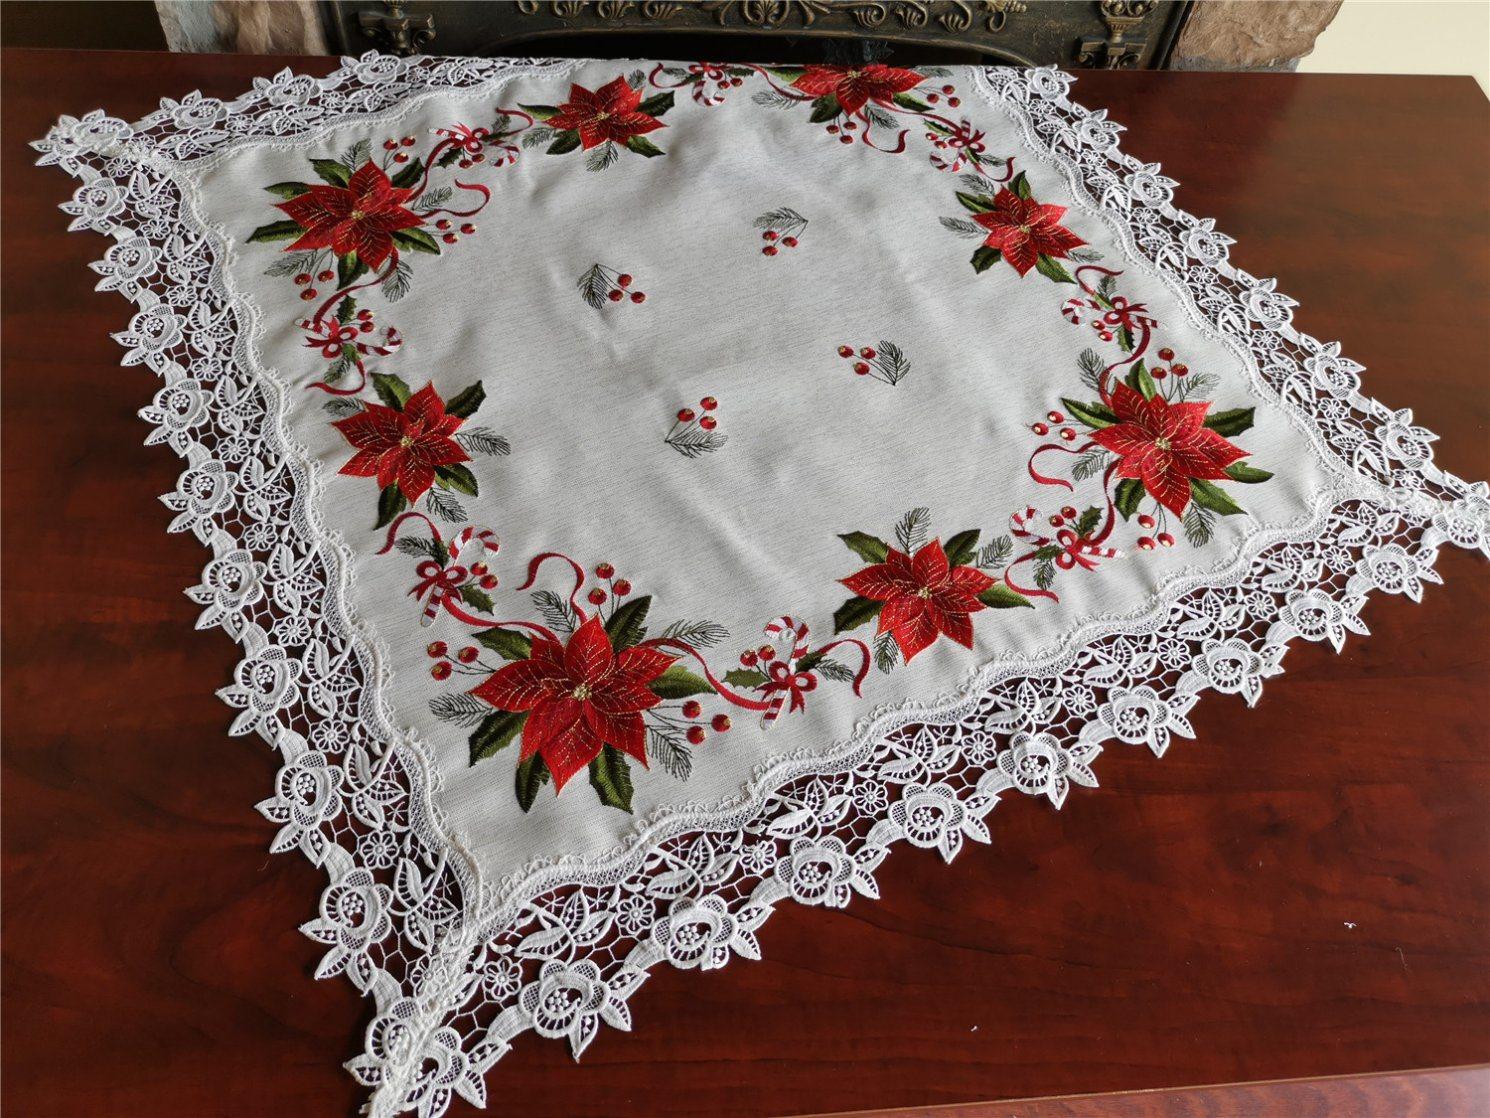 Bordados de moda Christams Poinsettia Lace Toalha de mesa